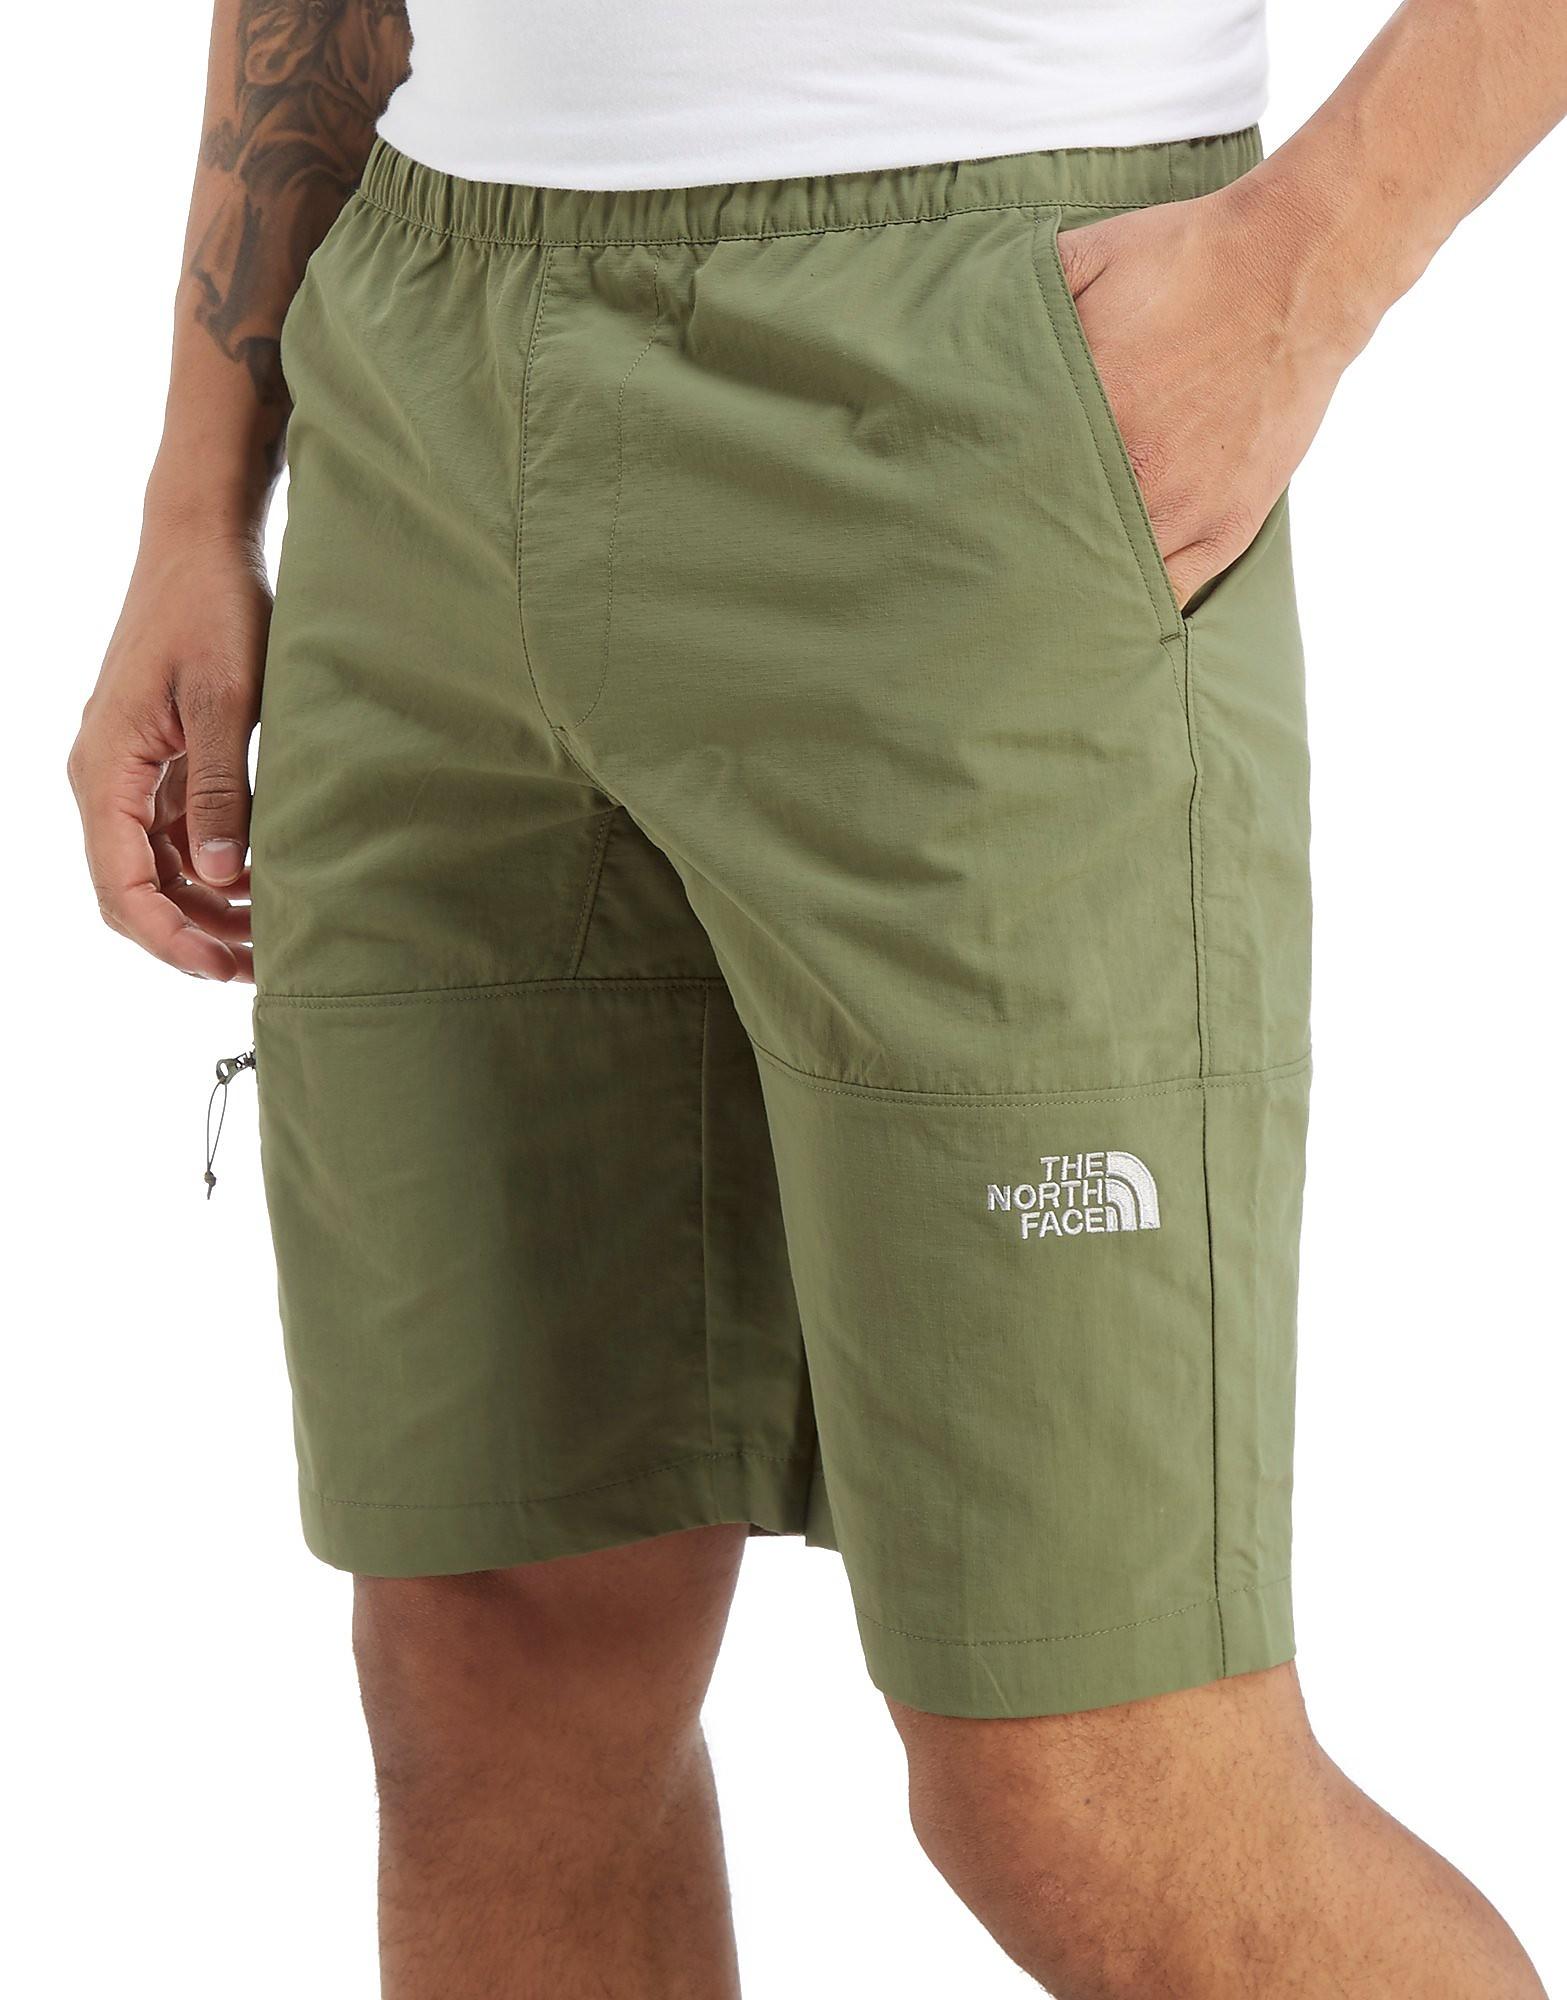 The North Face pantalón conrto Z-Pocket Woven